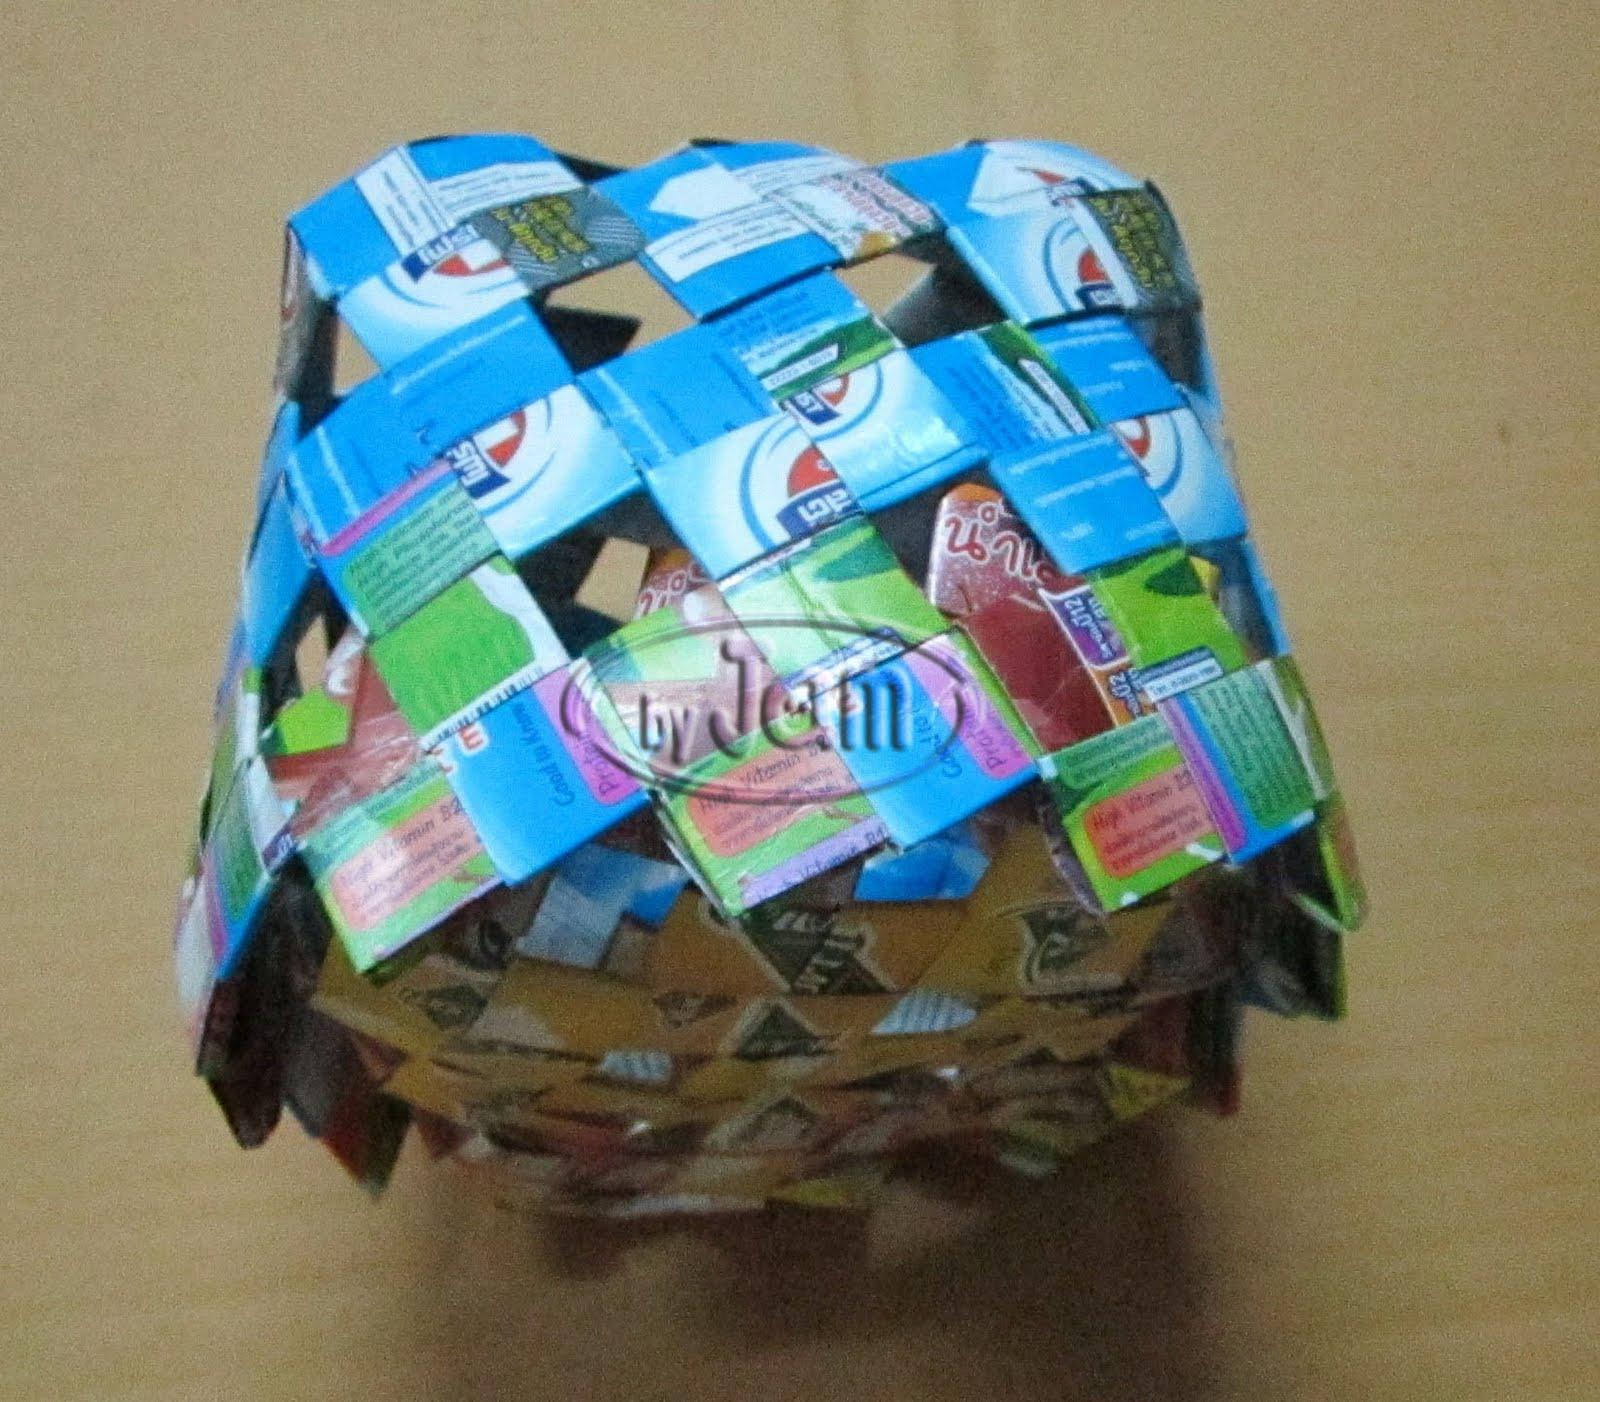 ไอเดียของใช้แล้ว,กล่องใส่ทิชชู จากกล่องนม,กล่องทิชชู  กล่องนม